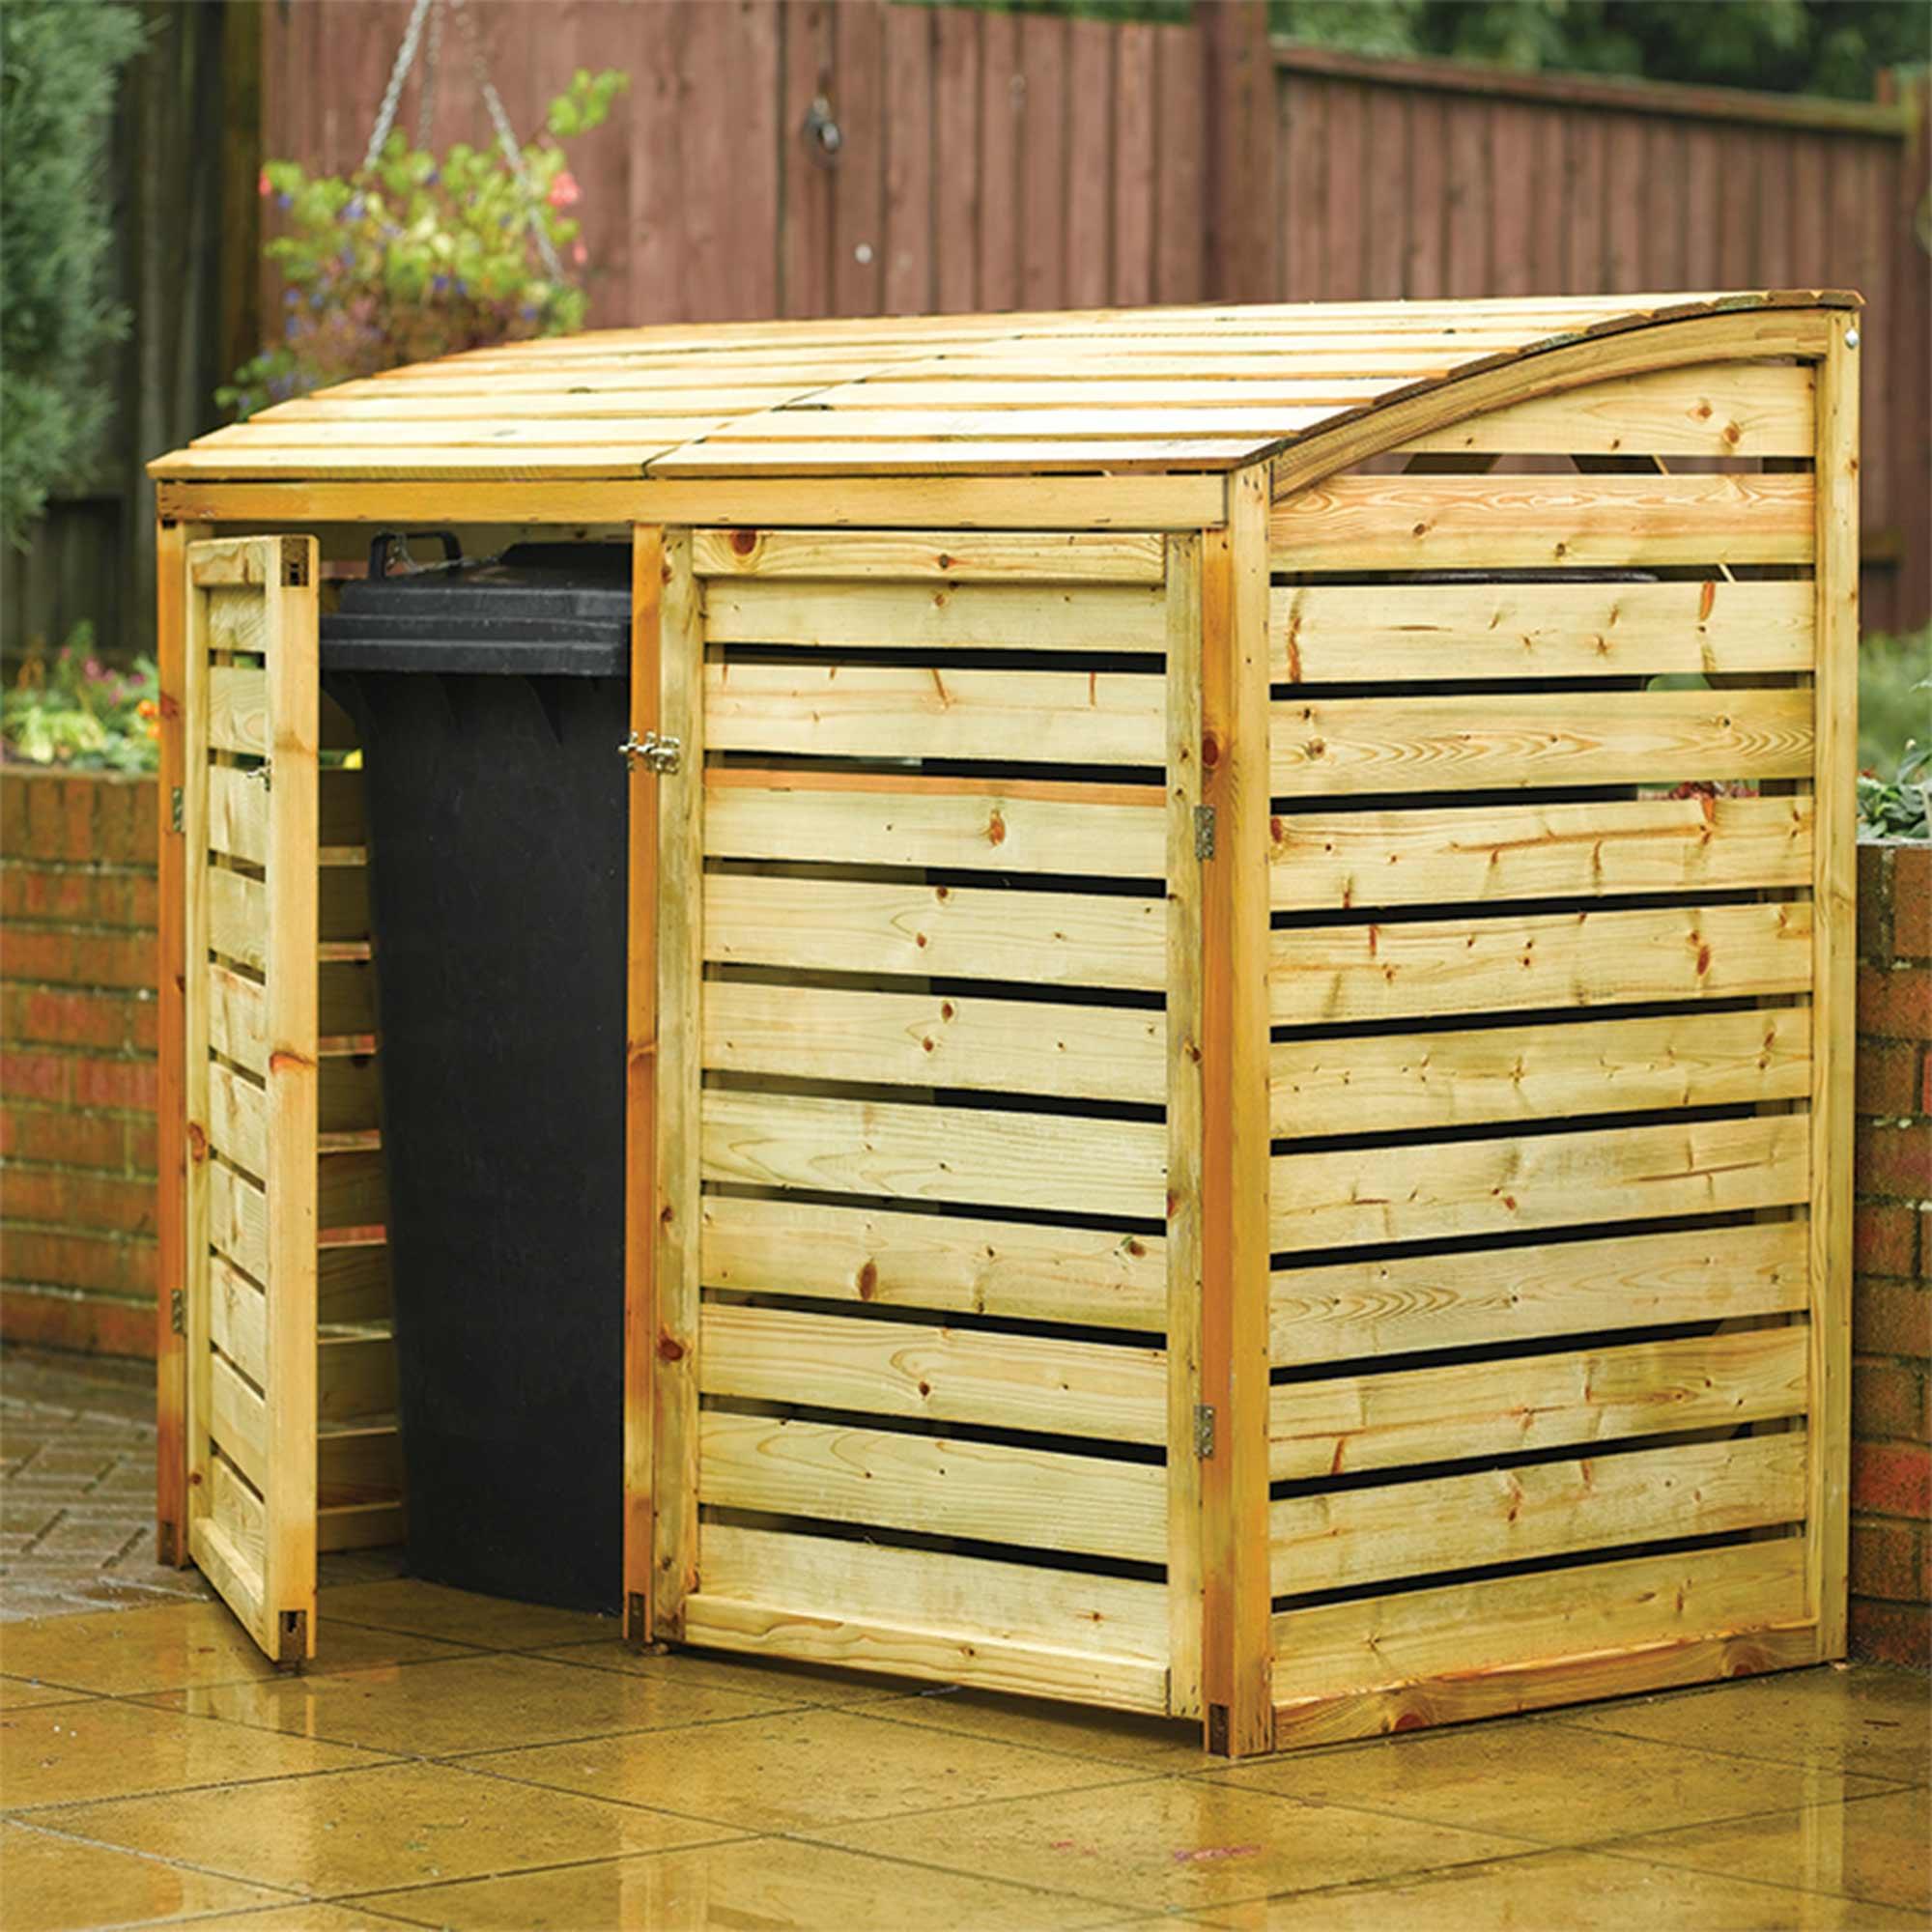 5 'x 3' Rowlinson Double Wooden Wheelie Bin Storage (1.56x0.82m)